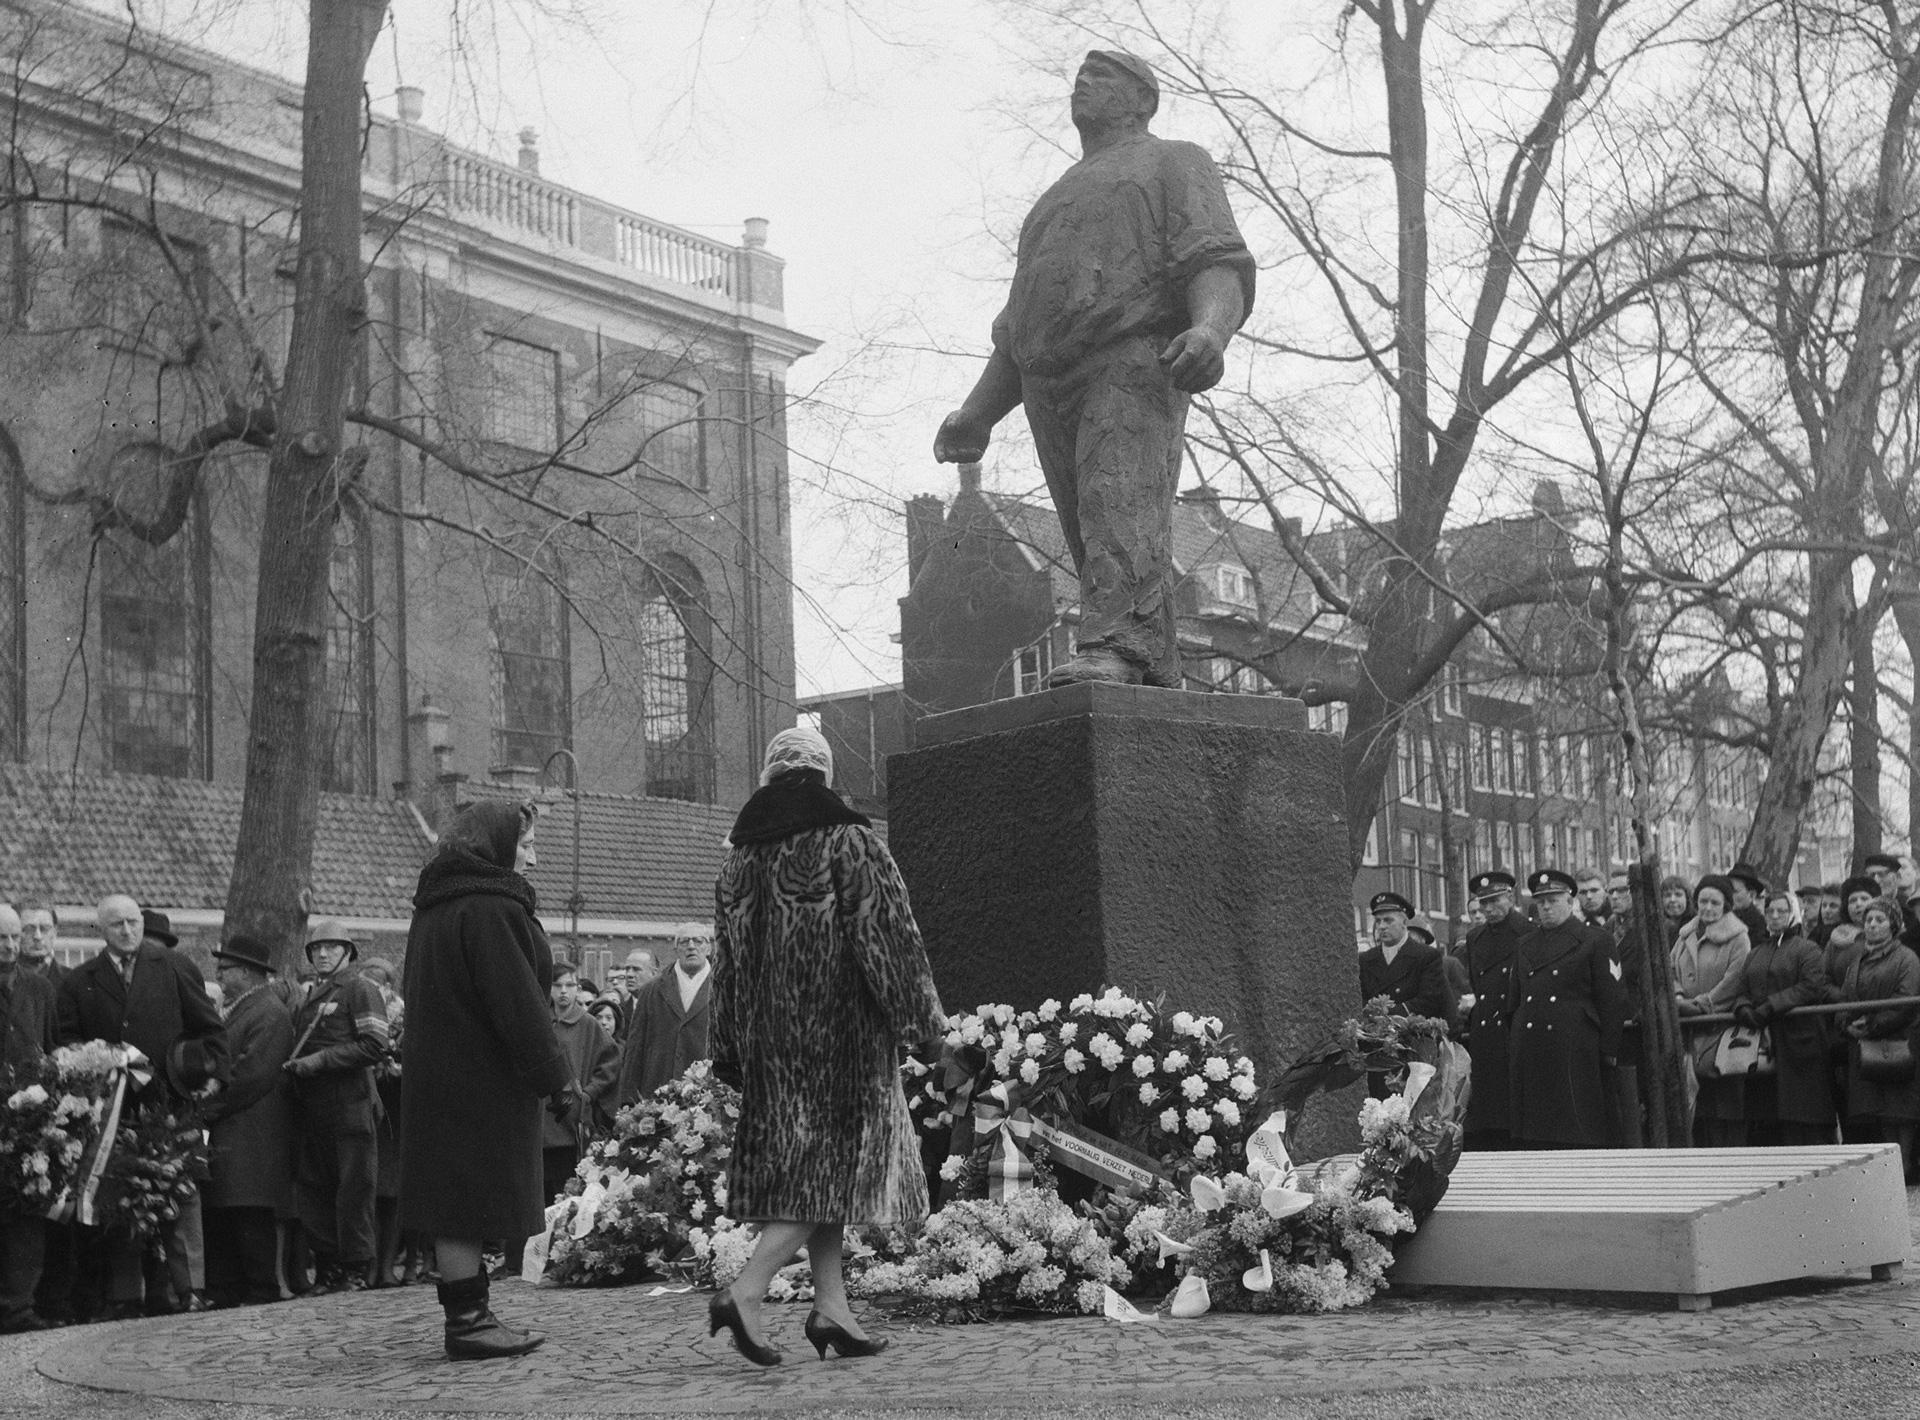 Herdenking in de jaren '60